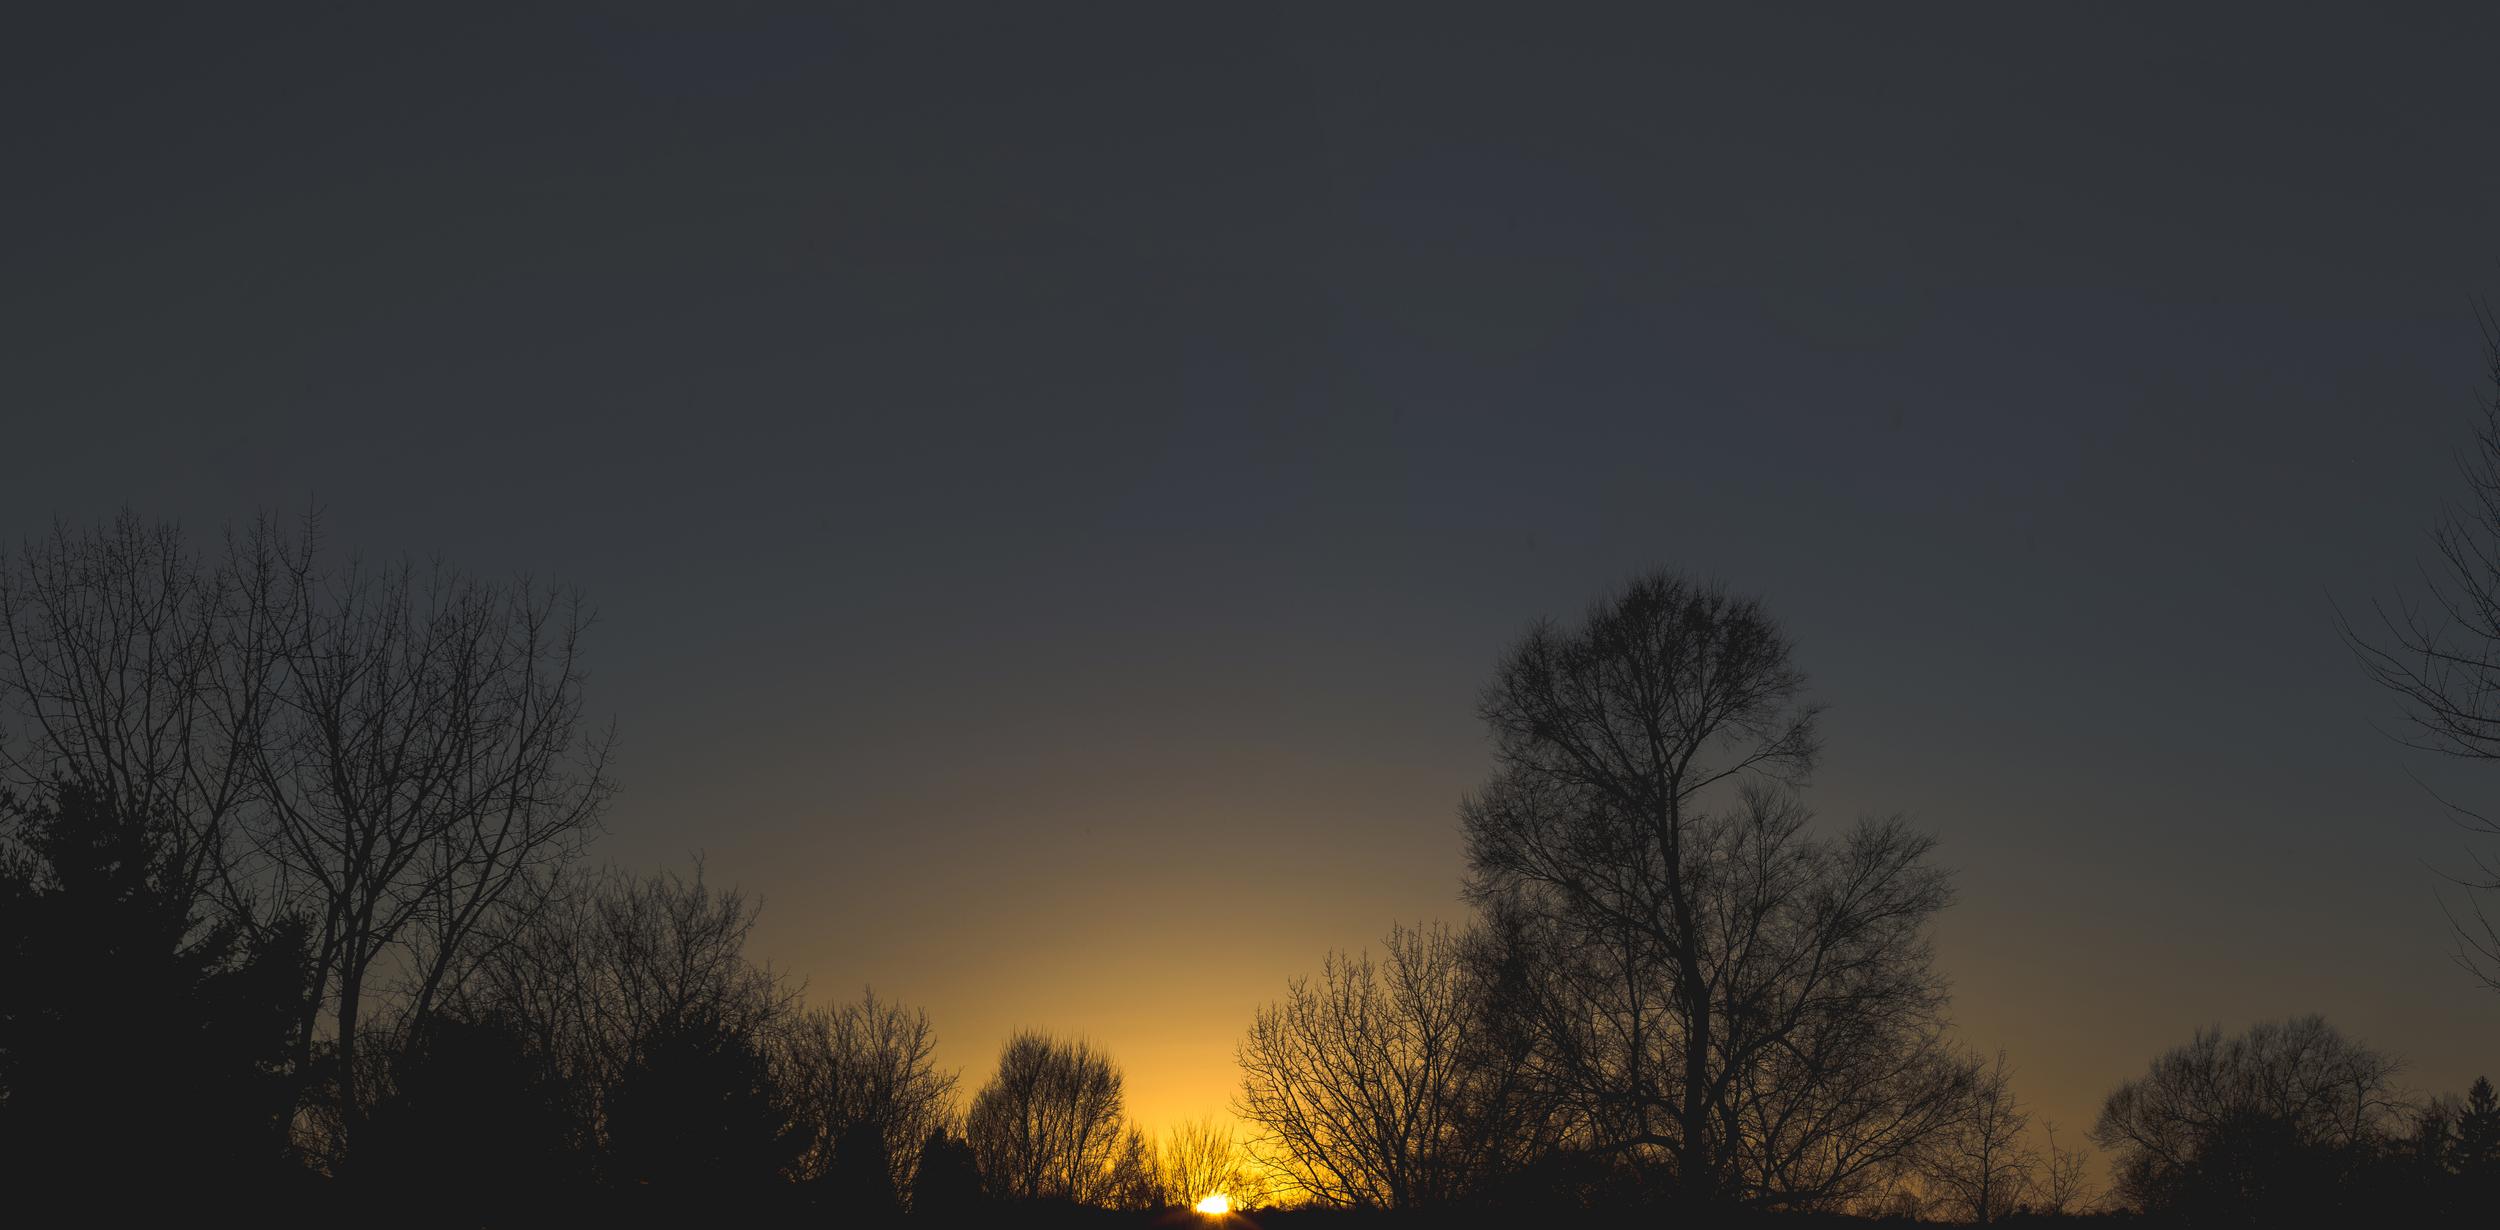 Day 91 - New Horizon